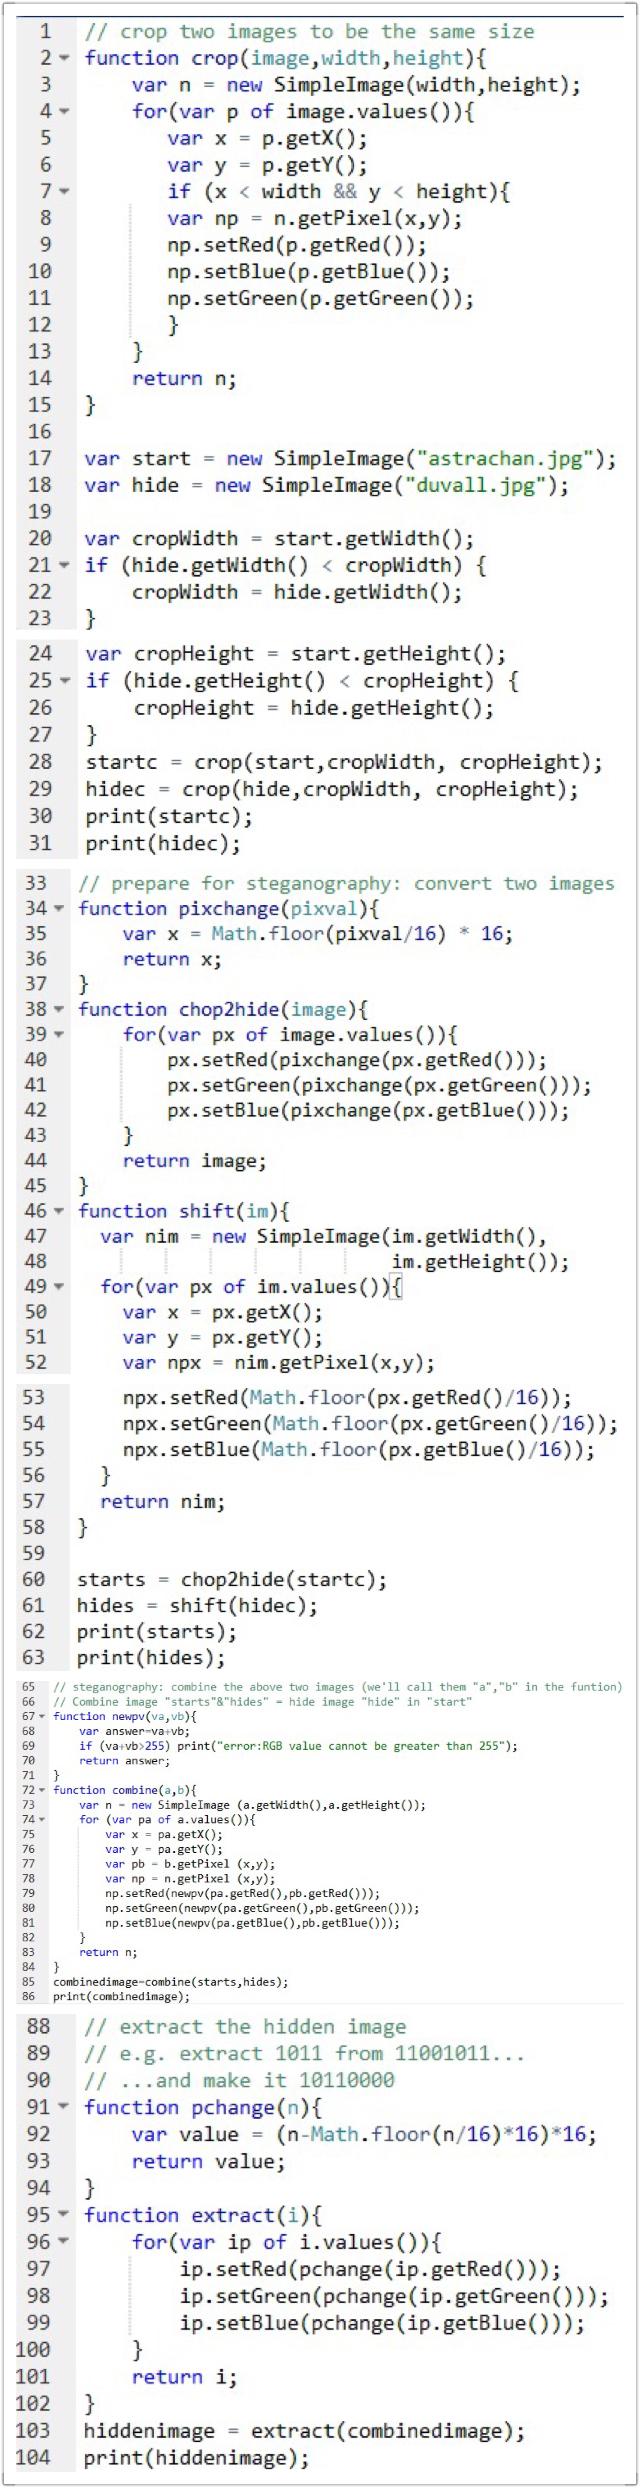 complete_code